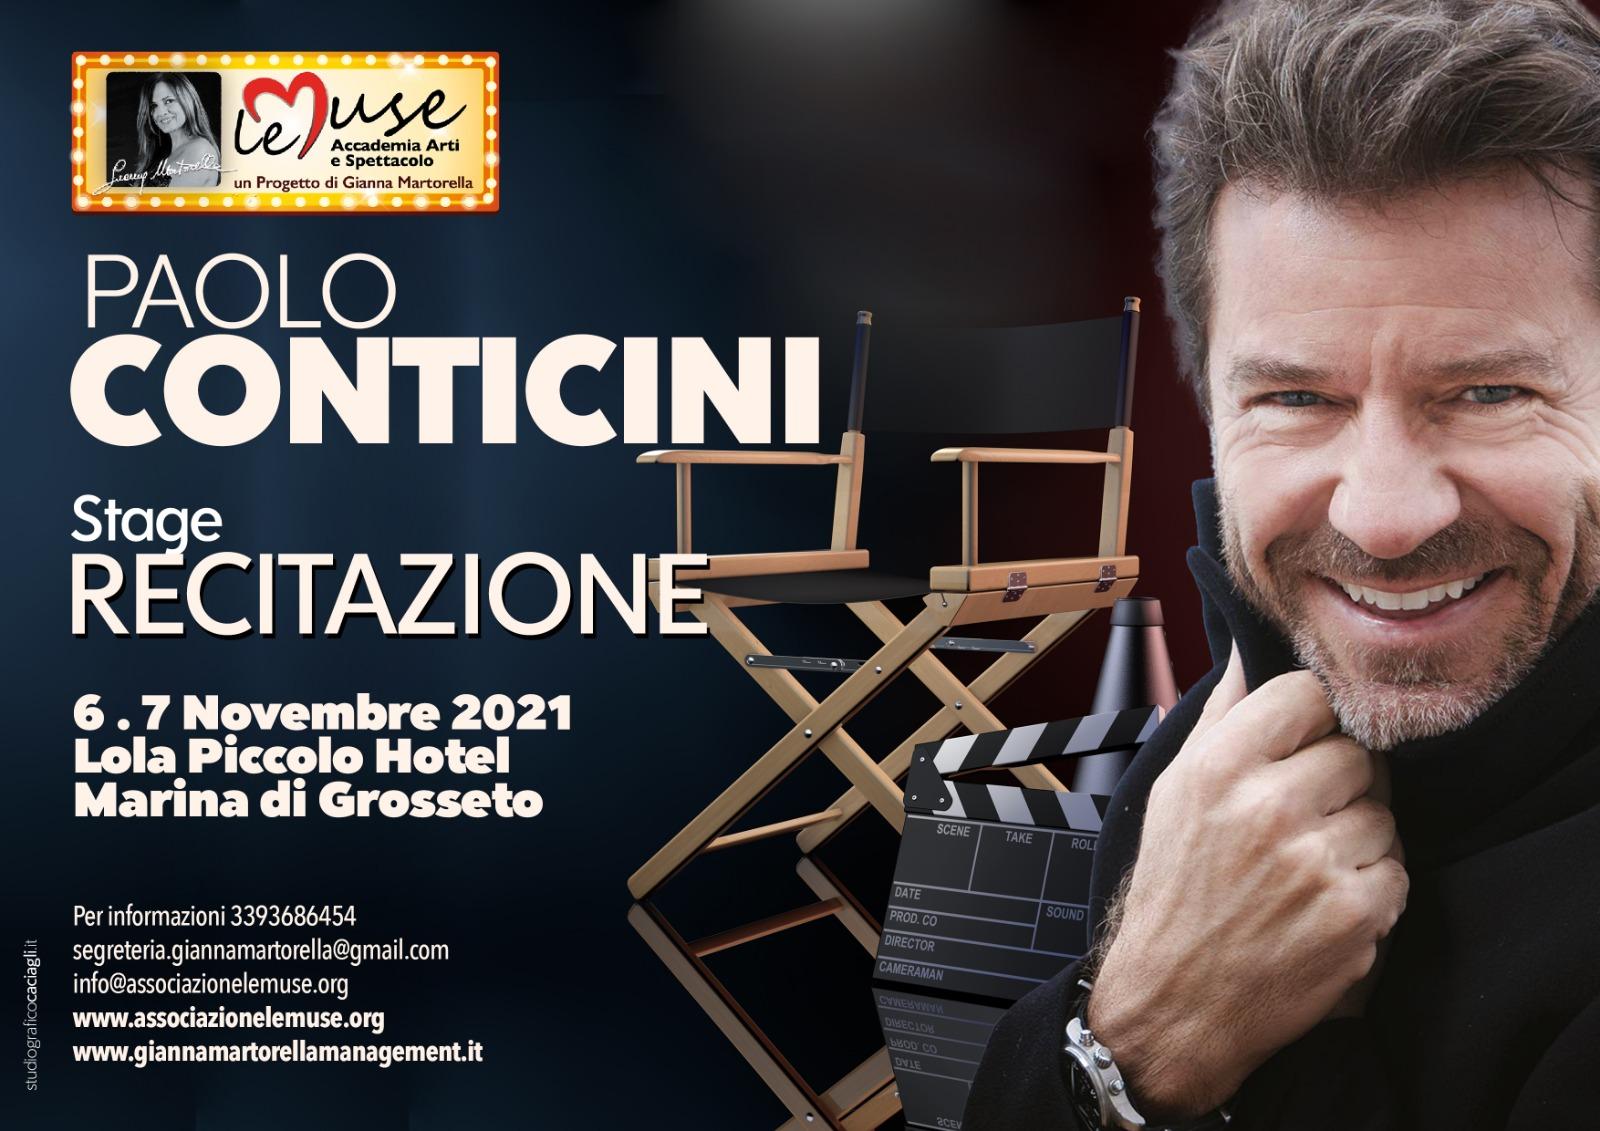 Stage recitazione con Paolo Conticini